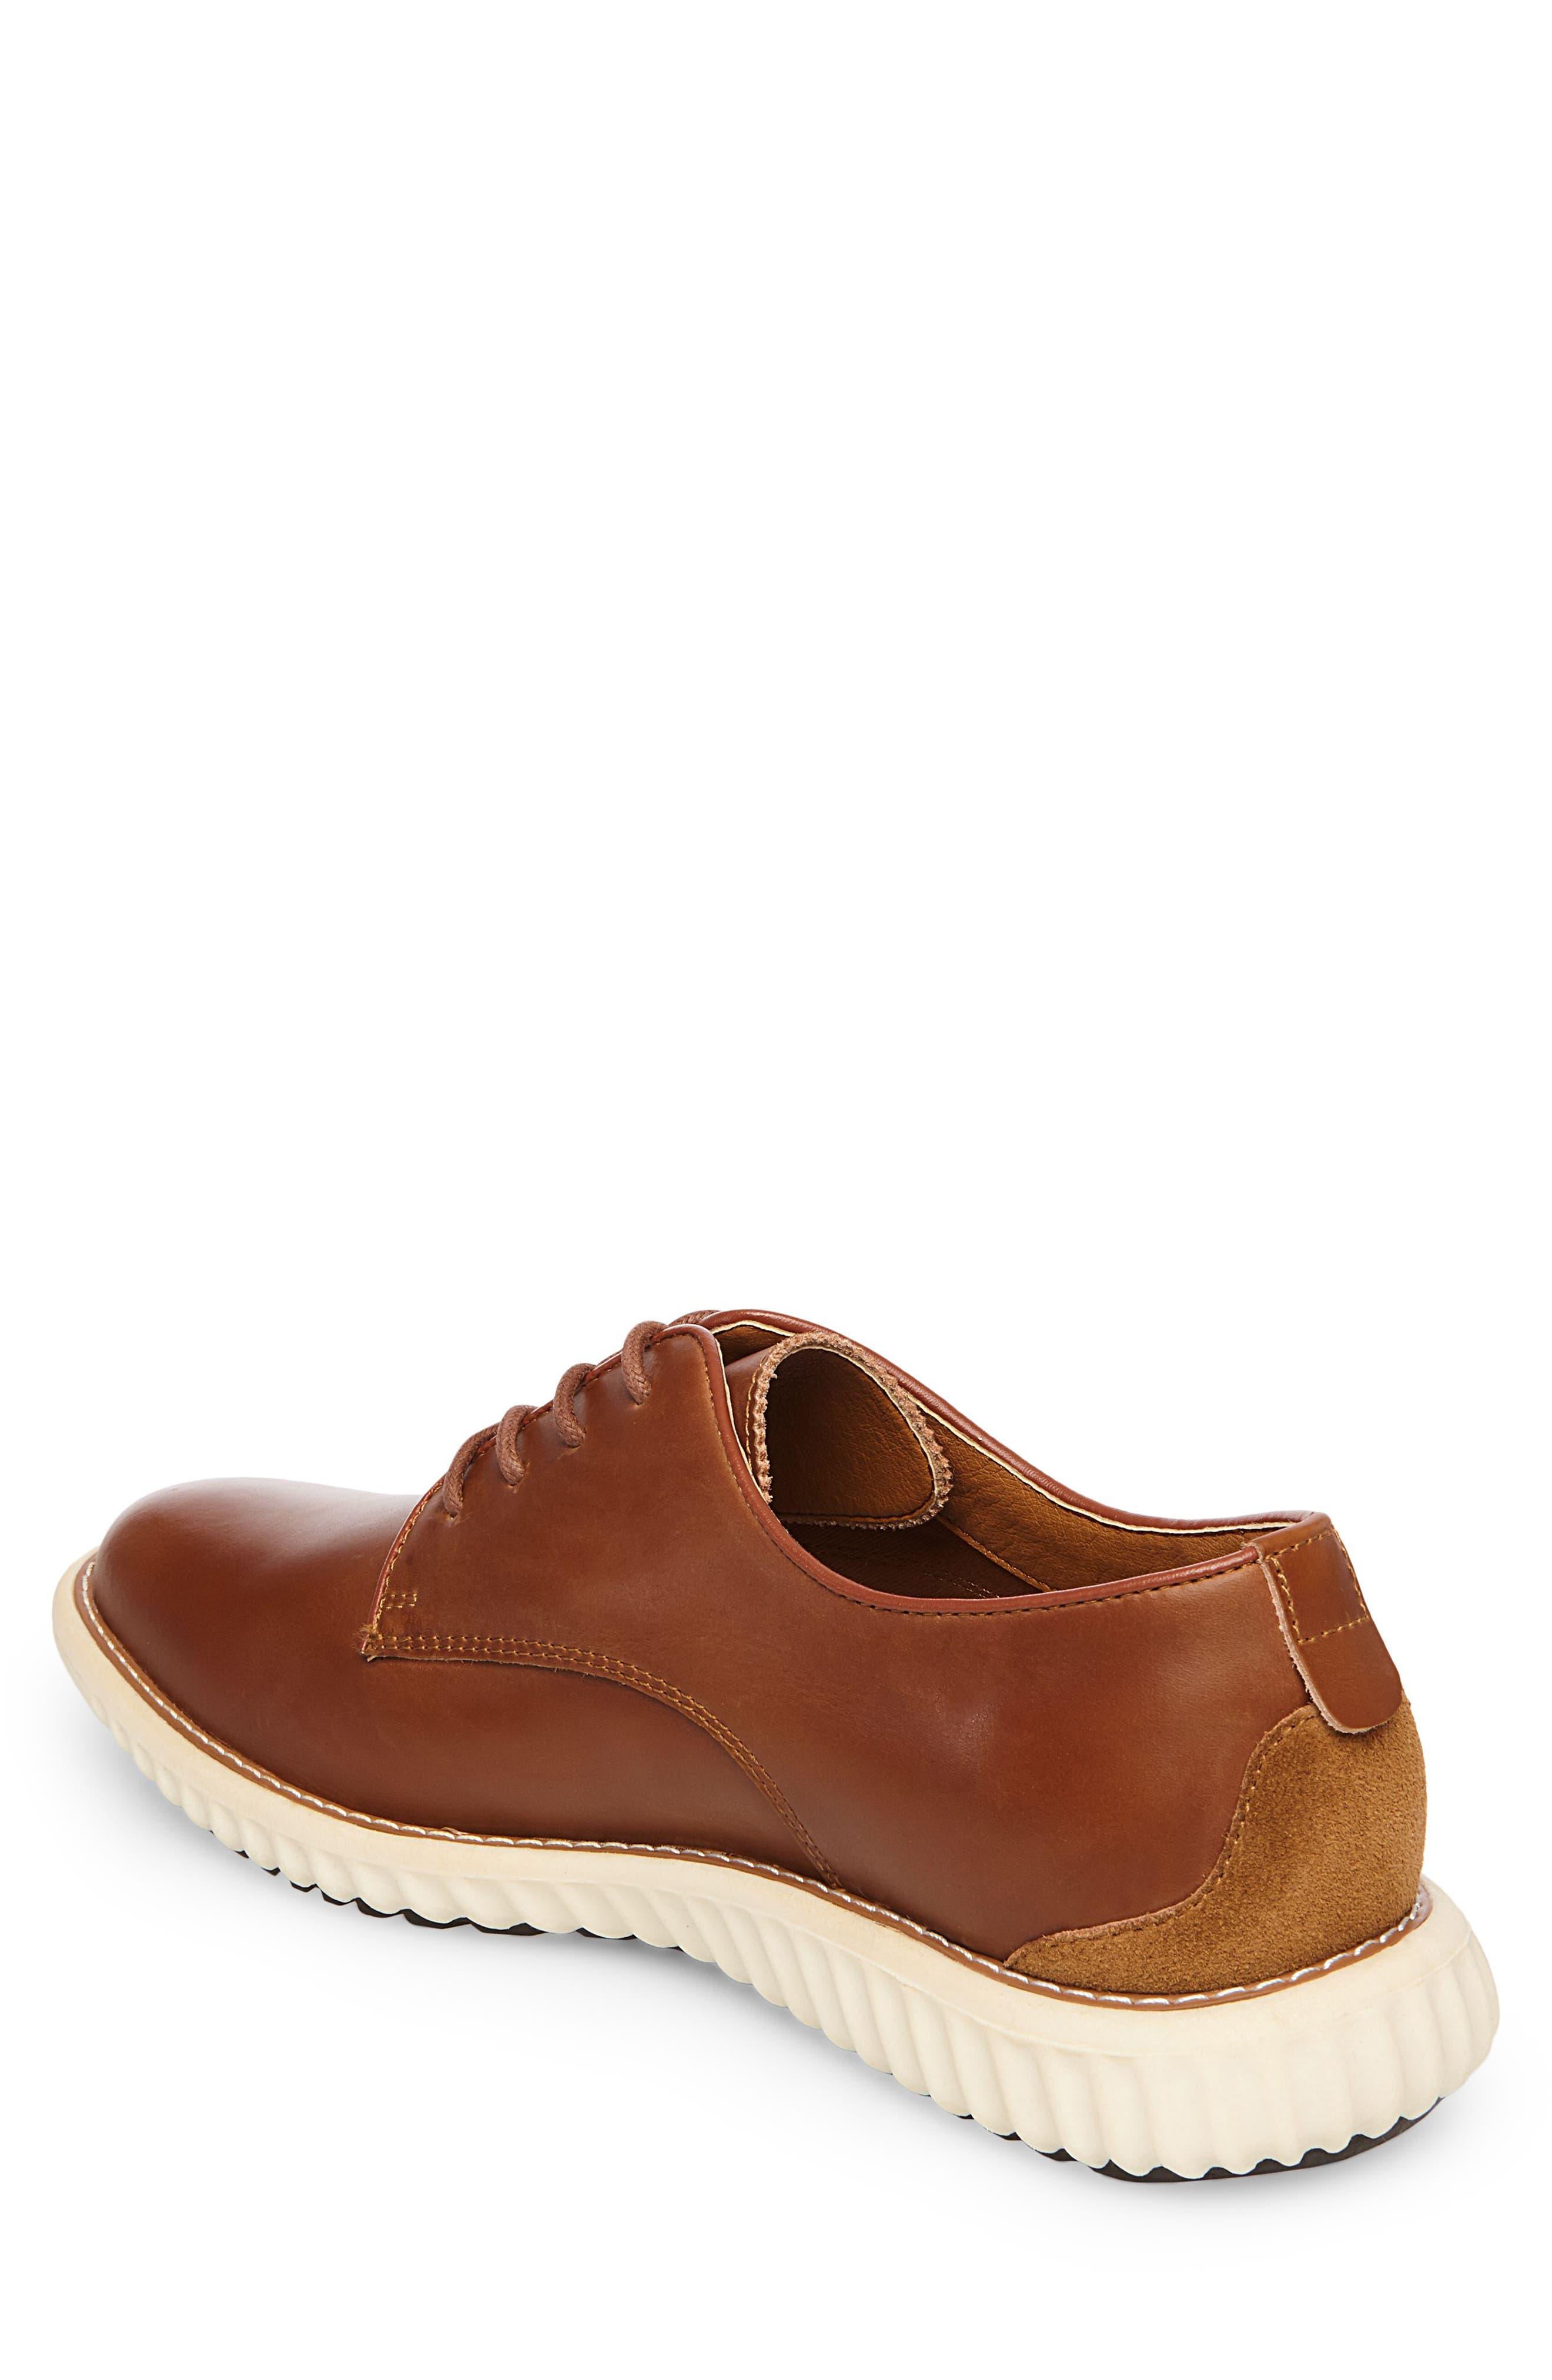 Vance Sneaker,                             Alternate thumbnail 2, color,                             203